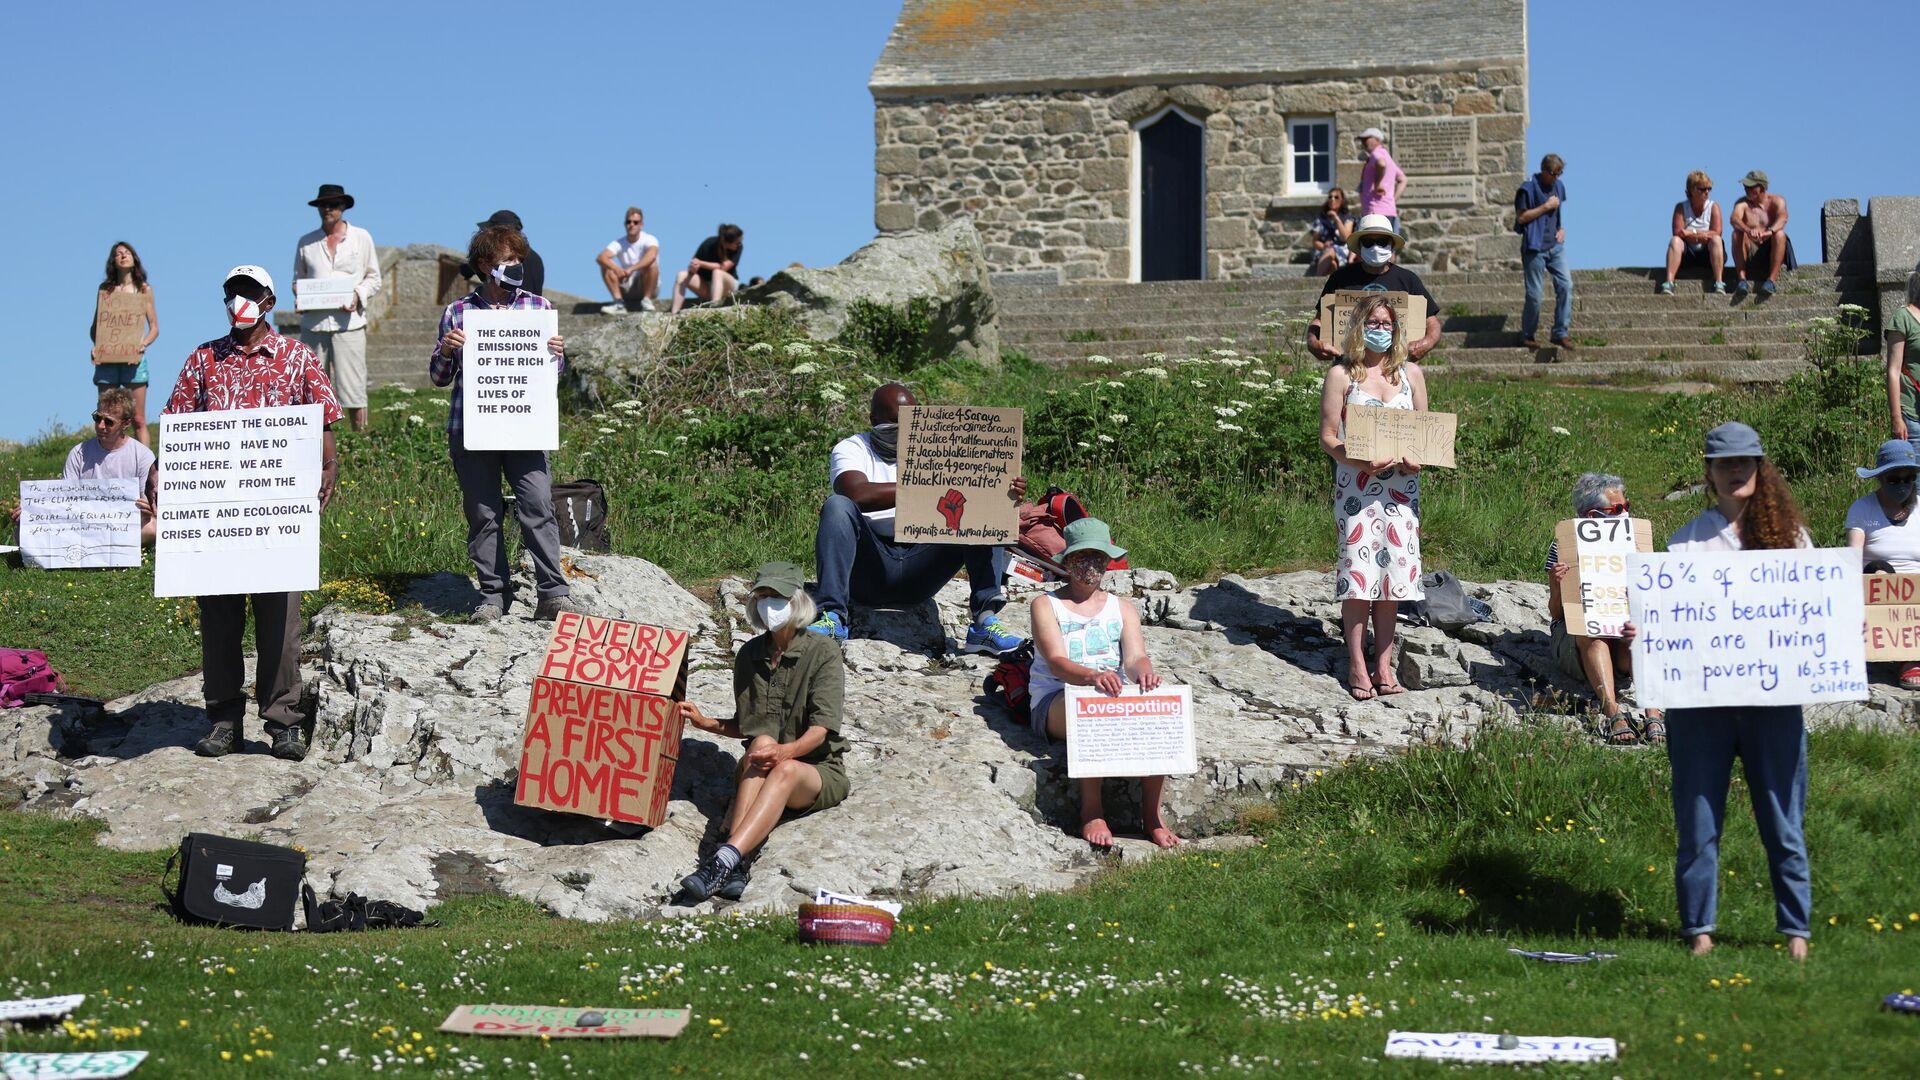 Una protesta contra la cumbre del G7 en Cornualles, el Reino Unido - Sputnik Mundo, 1920, 13.06.2021